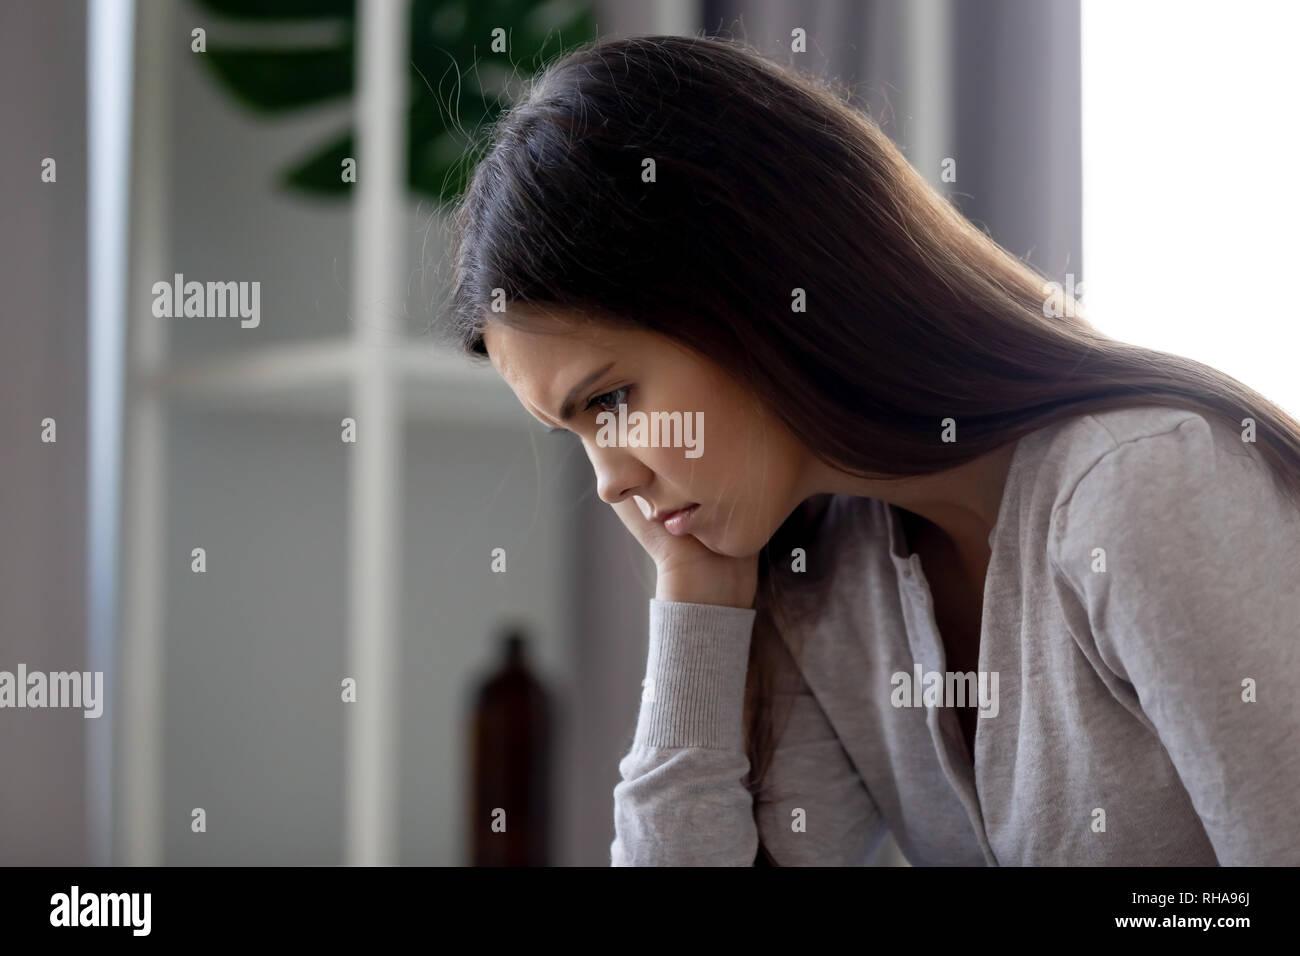 Sombrío malestar joven sentirse mal deprimidas y solas Imagen De Stock